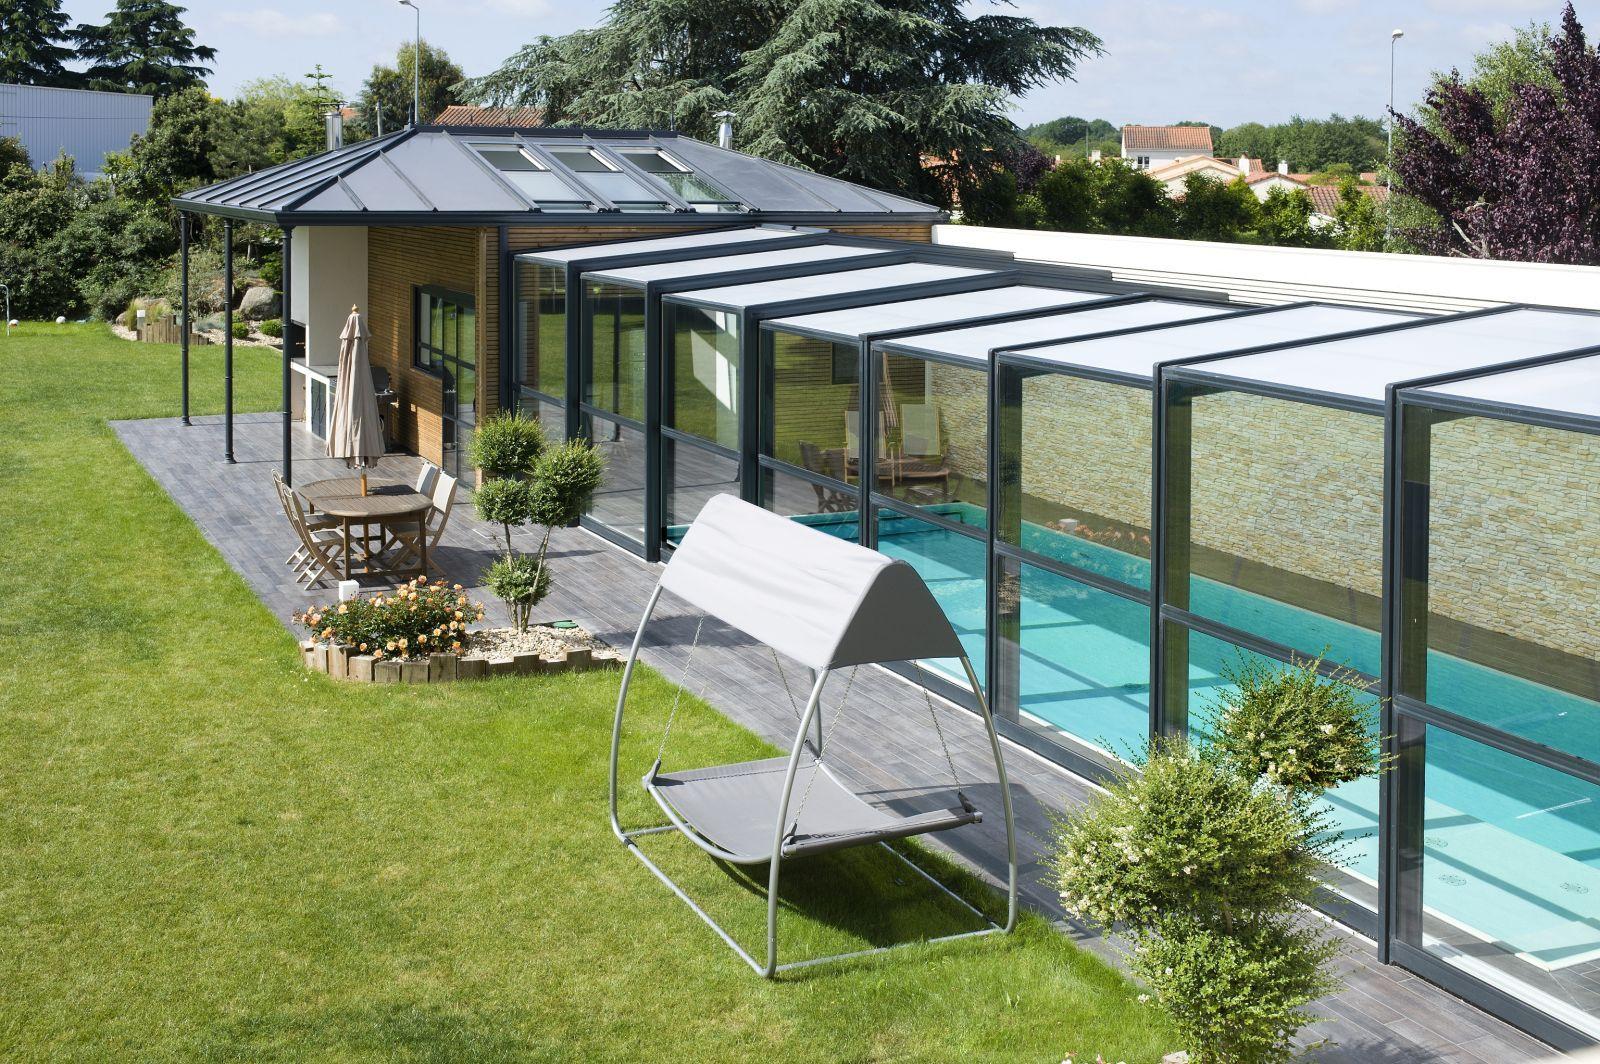 Extension Maison Piscine Couverte piscine dans verrière | piscine intérieure, abri piscine